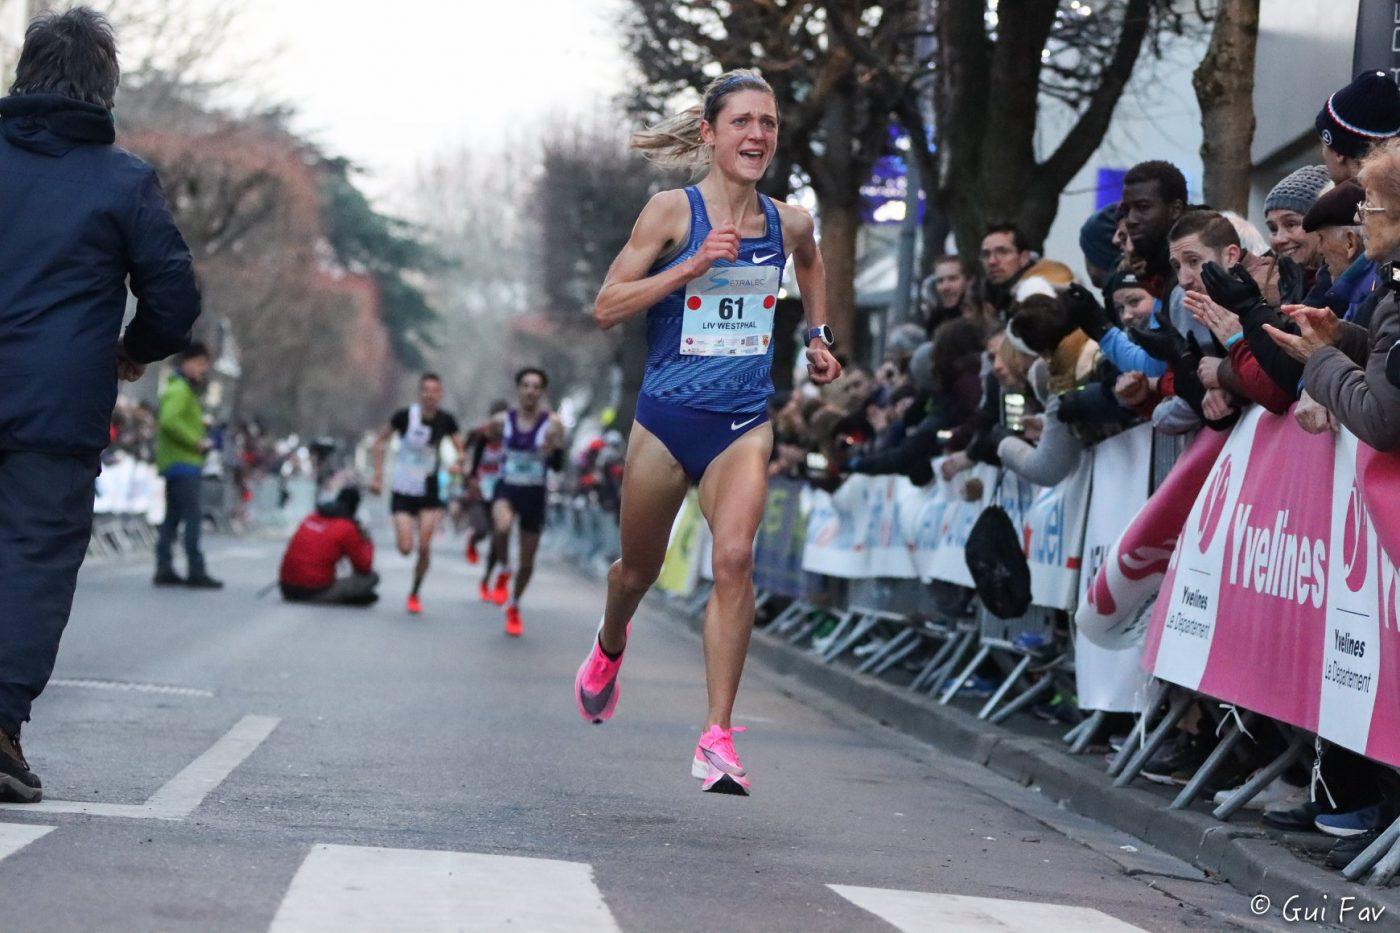 Liv-Westphal-Corrida-Houilles-Record-Runpack